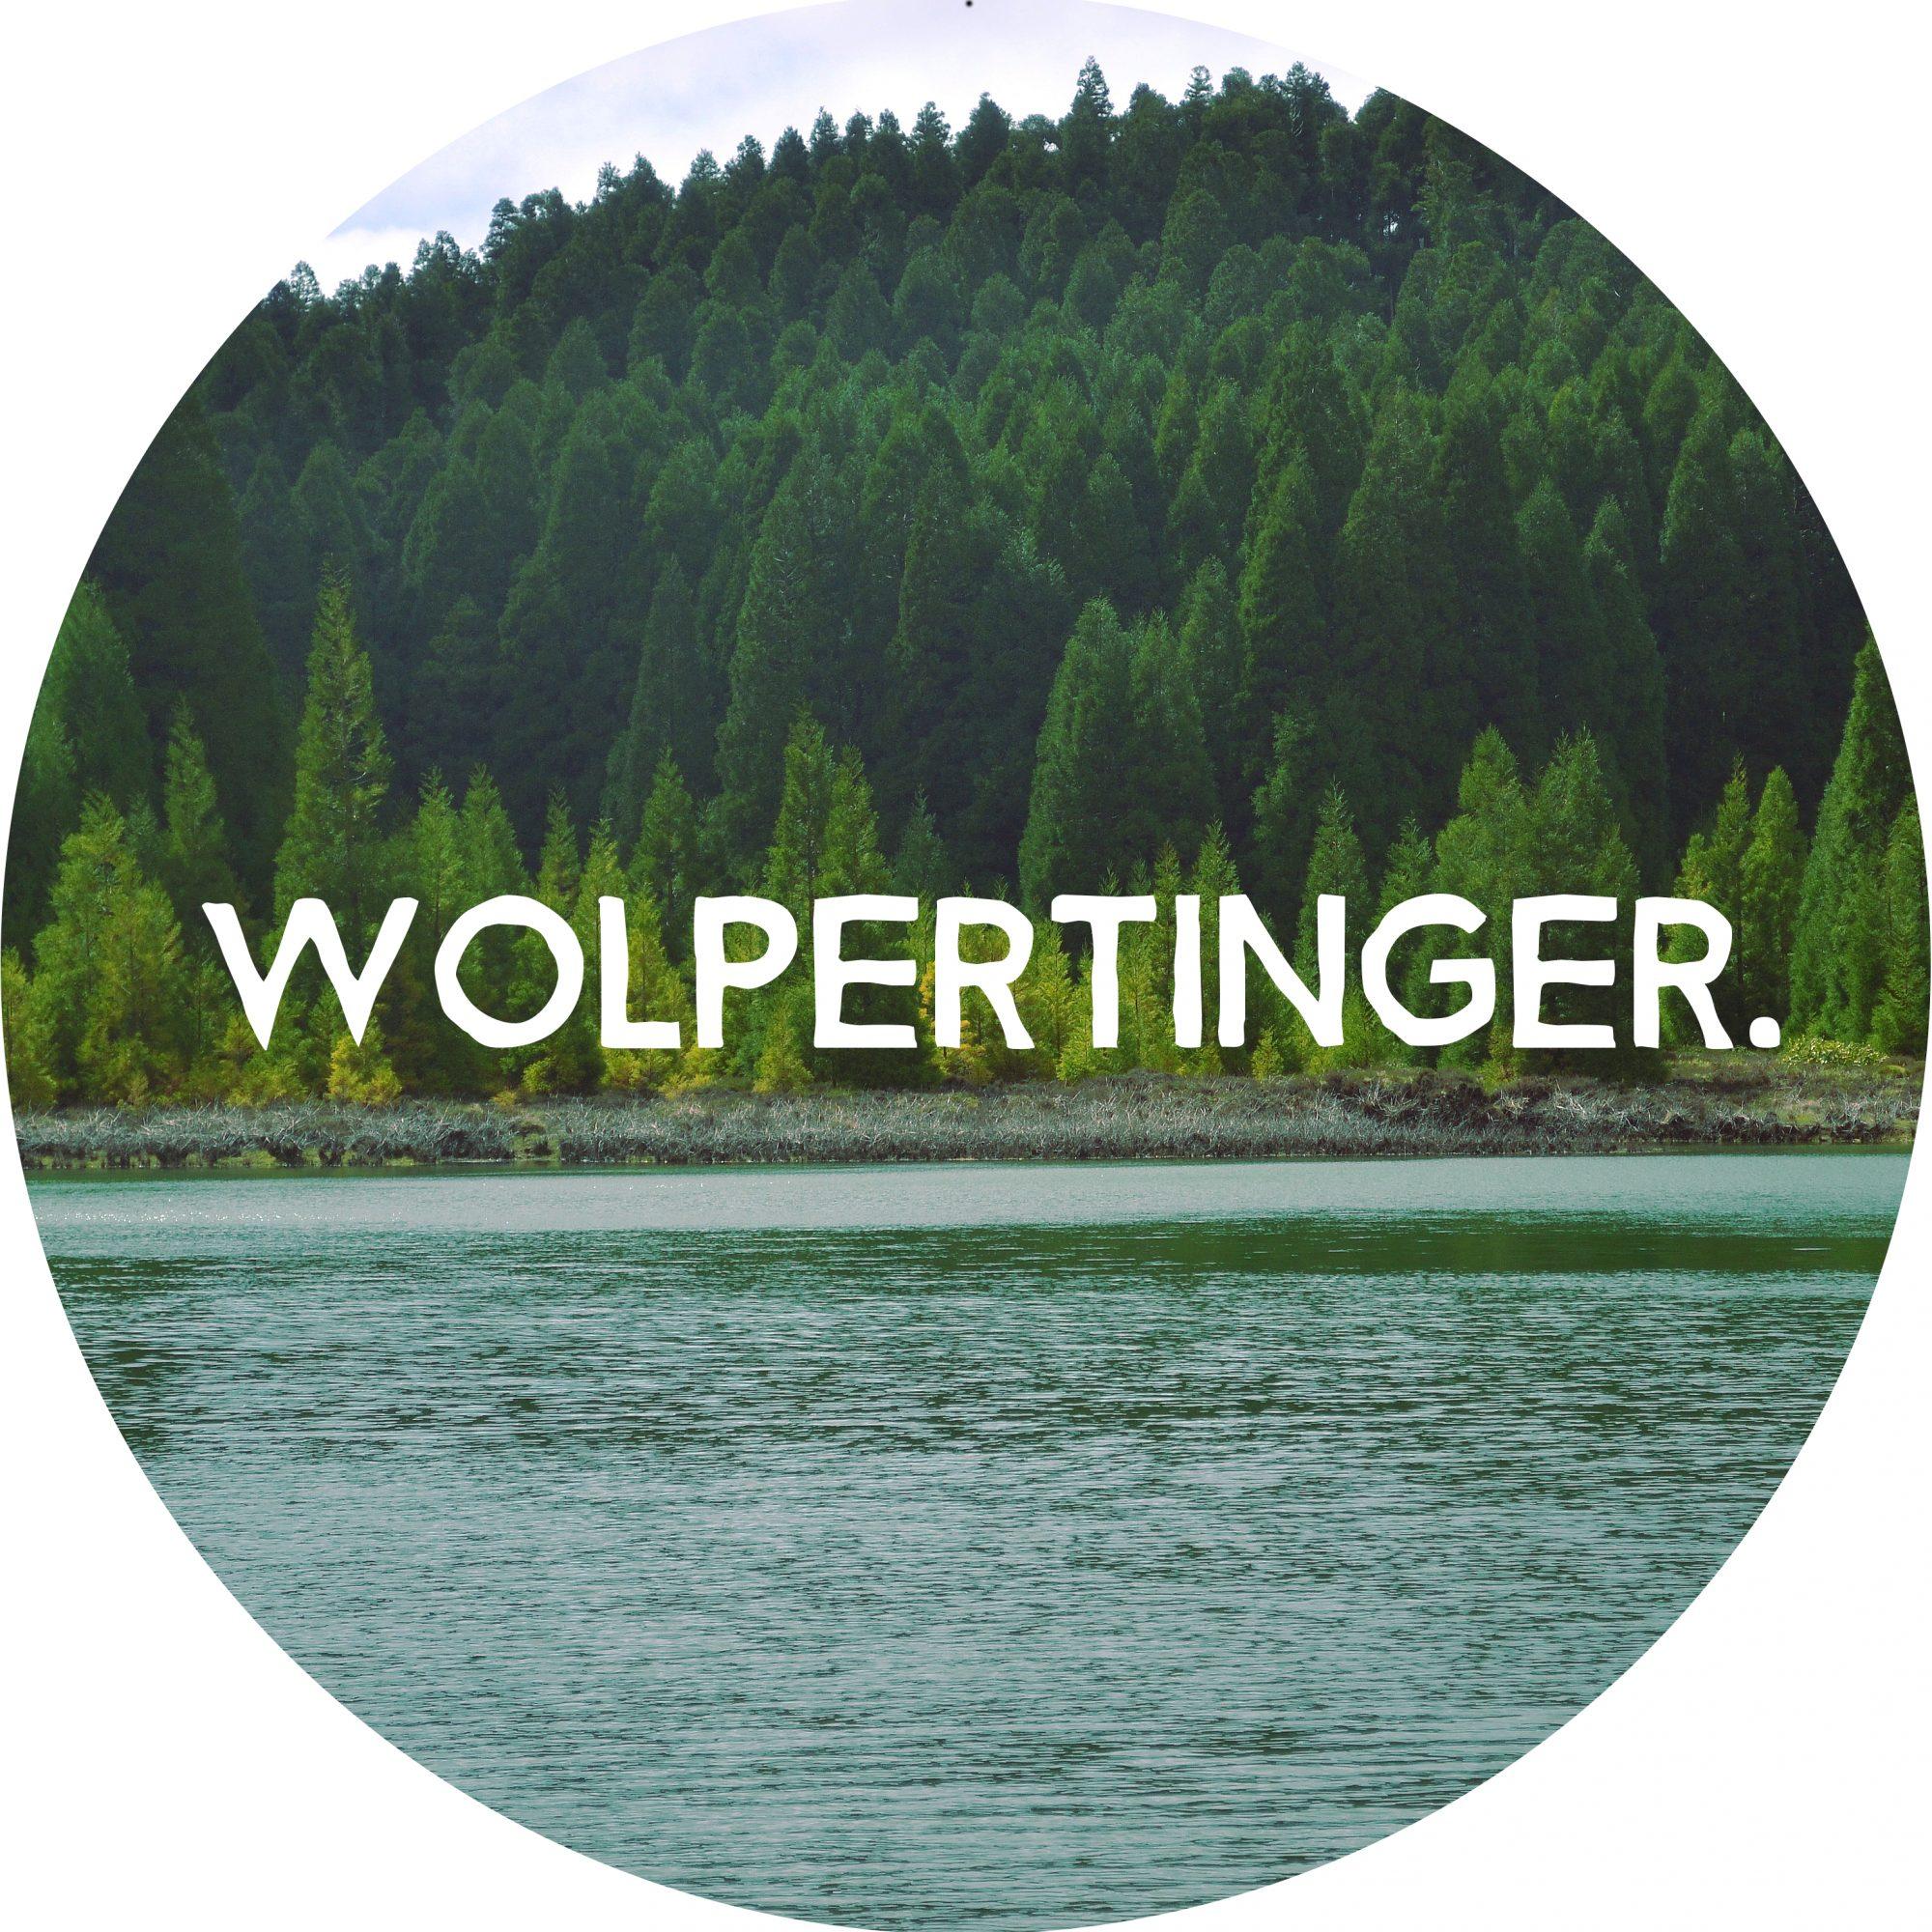 wolpertinger.